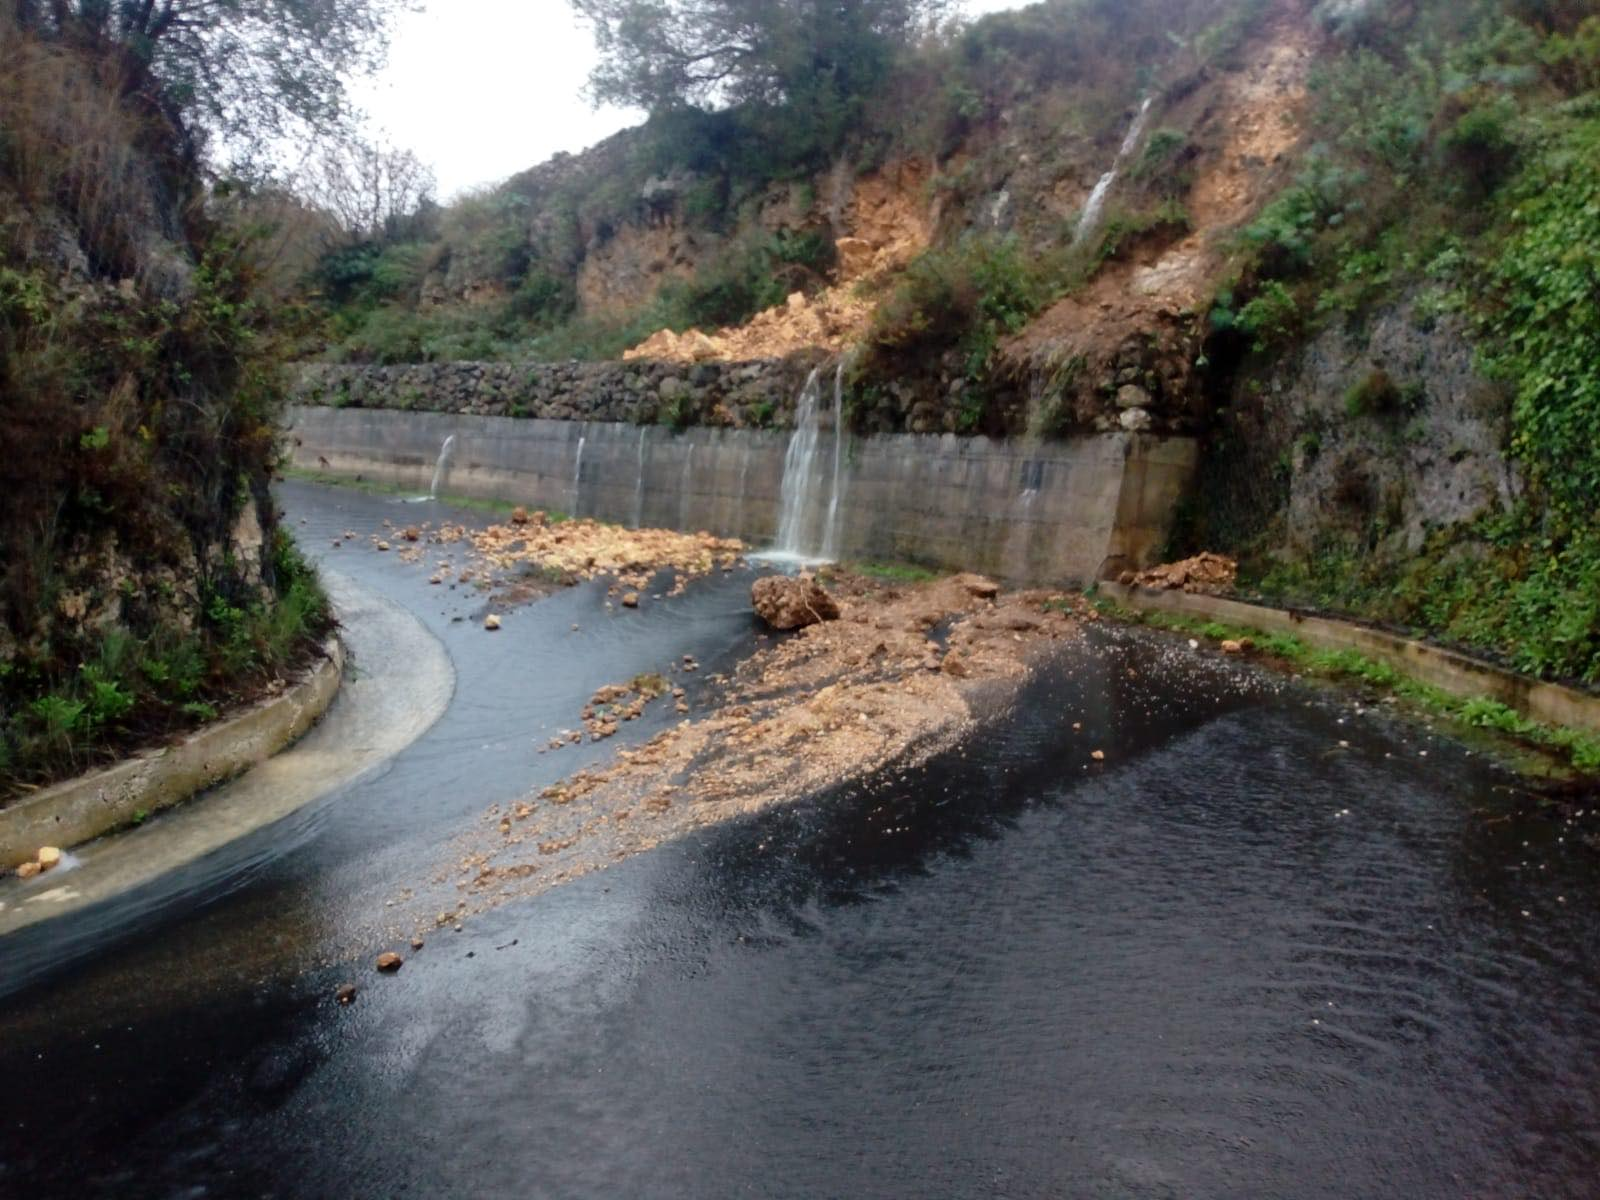 Maltempo nel Siracusano, strade interrotte e muri crollati: a Sortino si chiede lo stato di calamità – FOTO e VIDEO